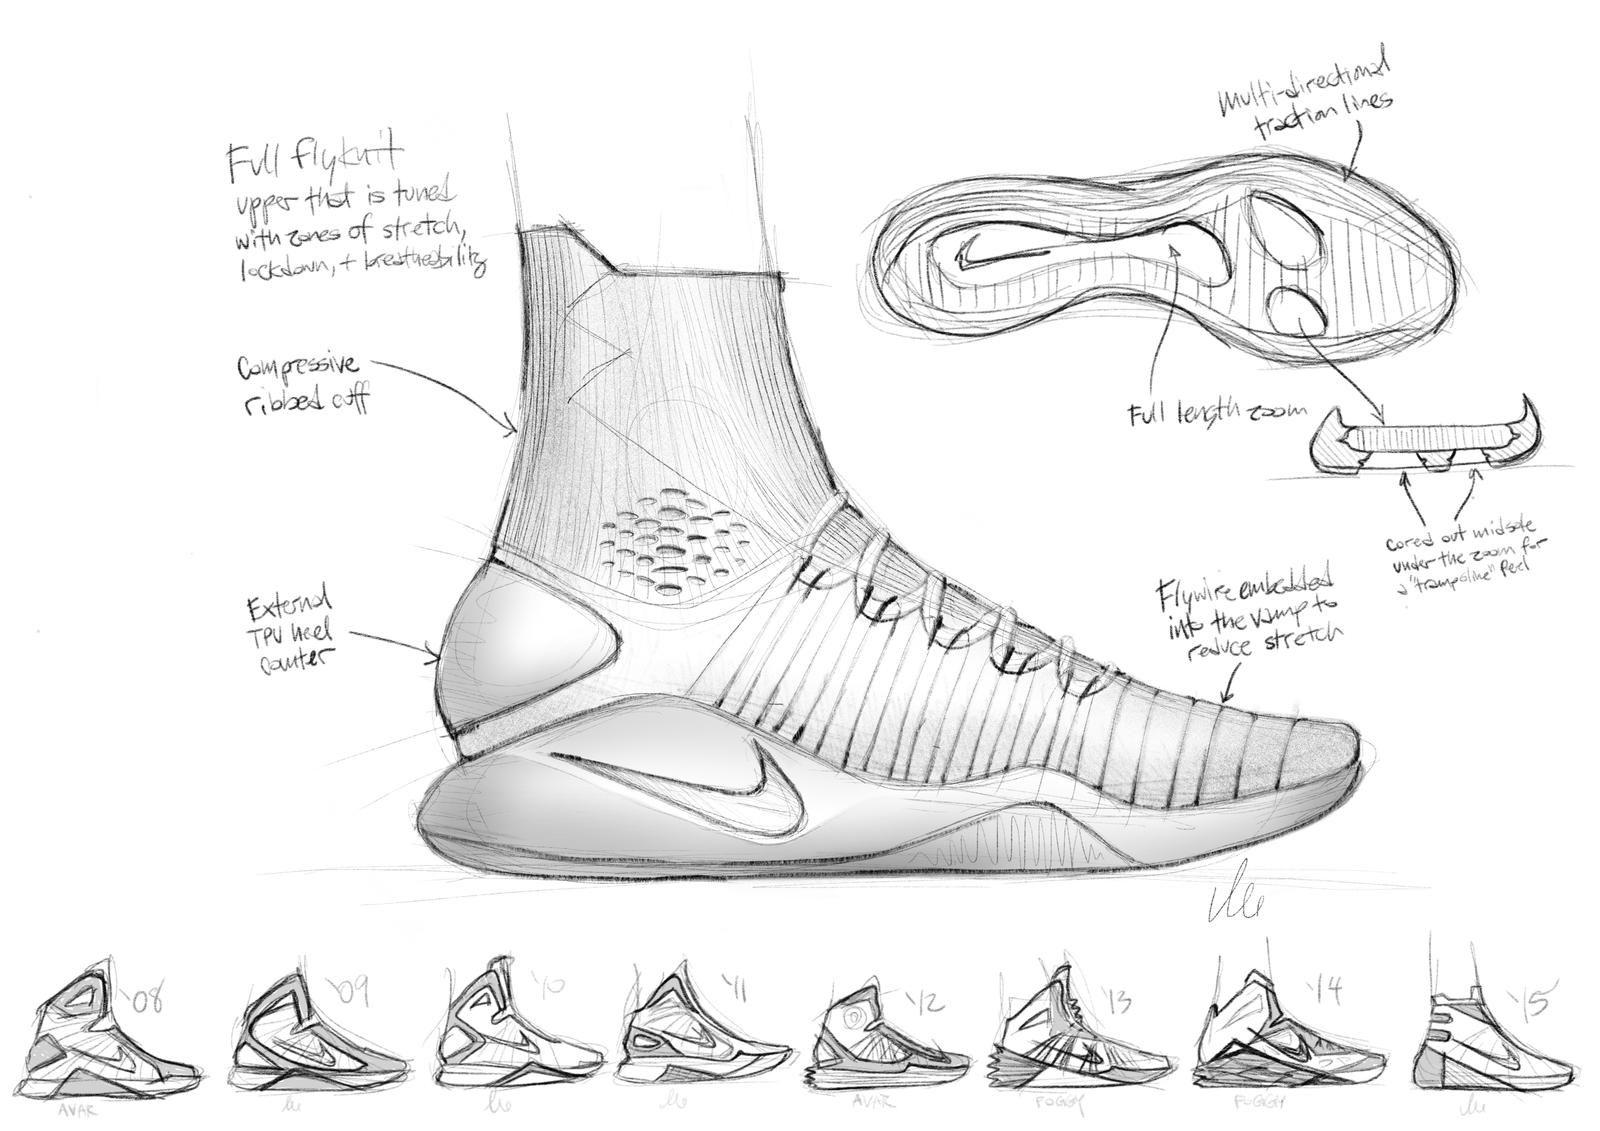 Hyperdunk ChaussureChaussure Et Nike 2016Sketch Dessin Sport 6b7vIgyYfm